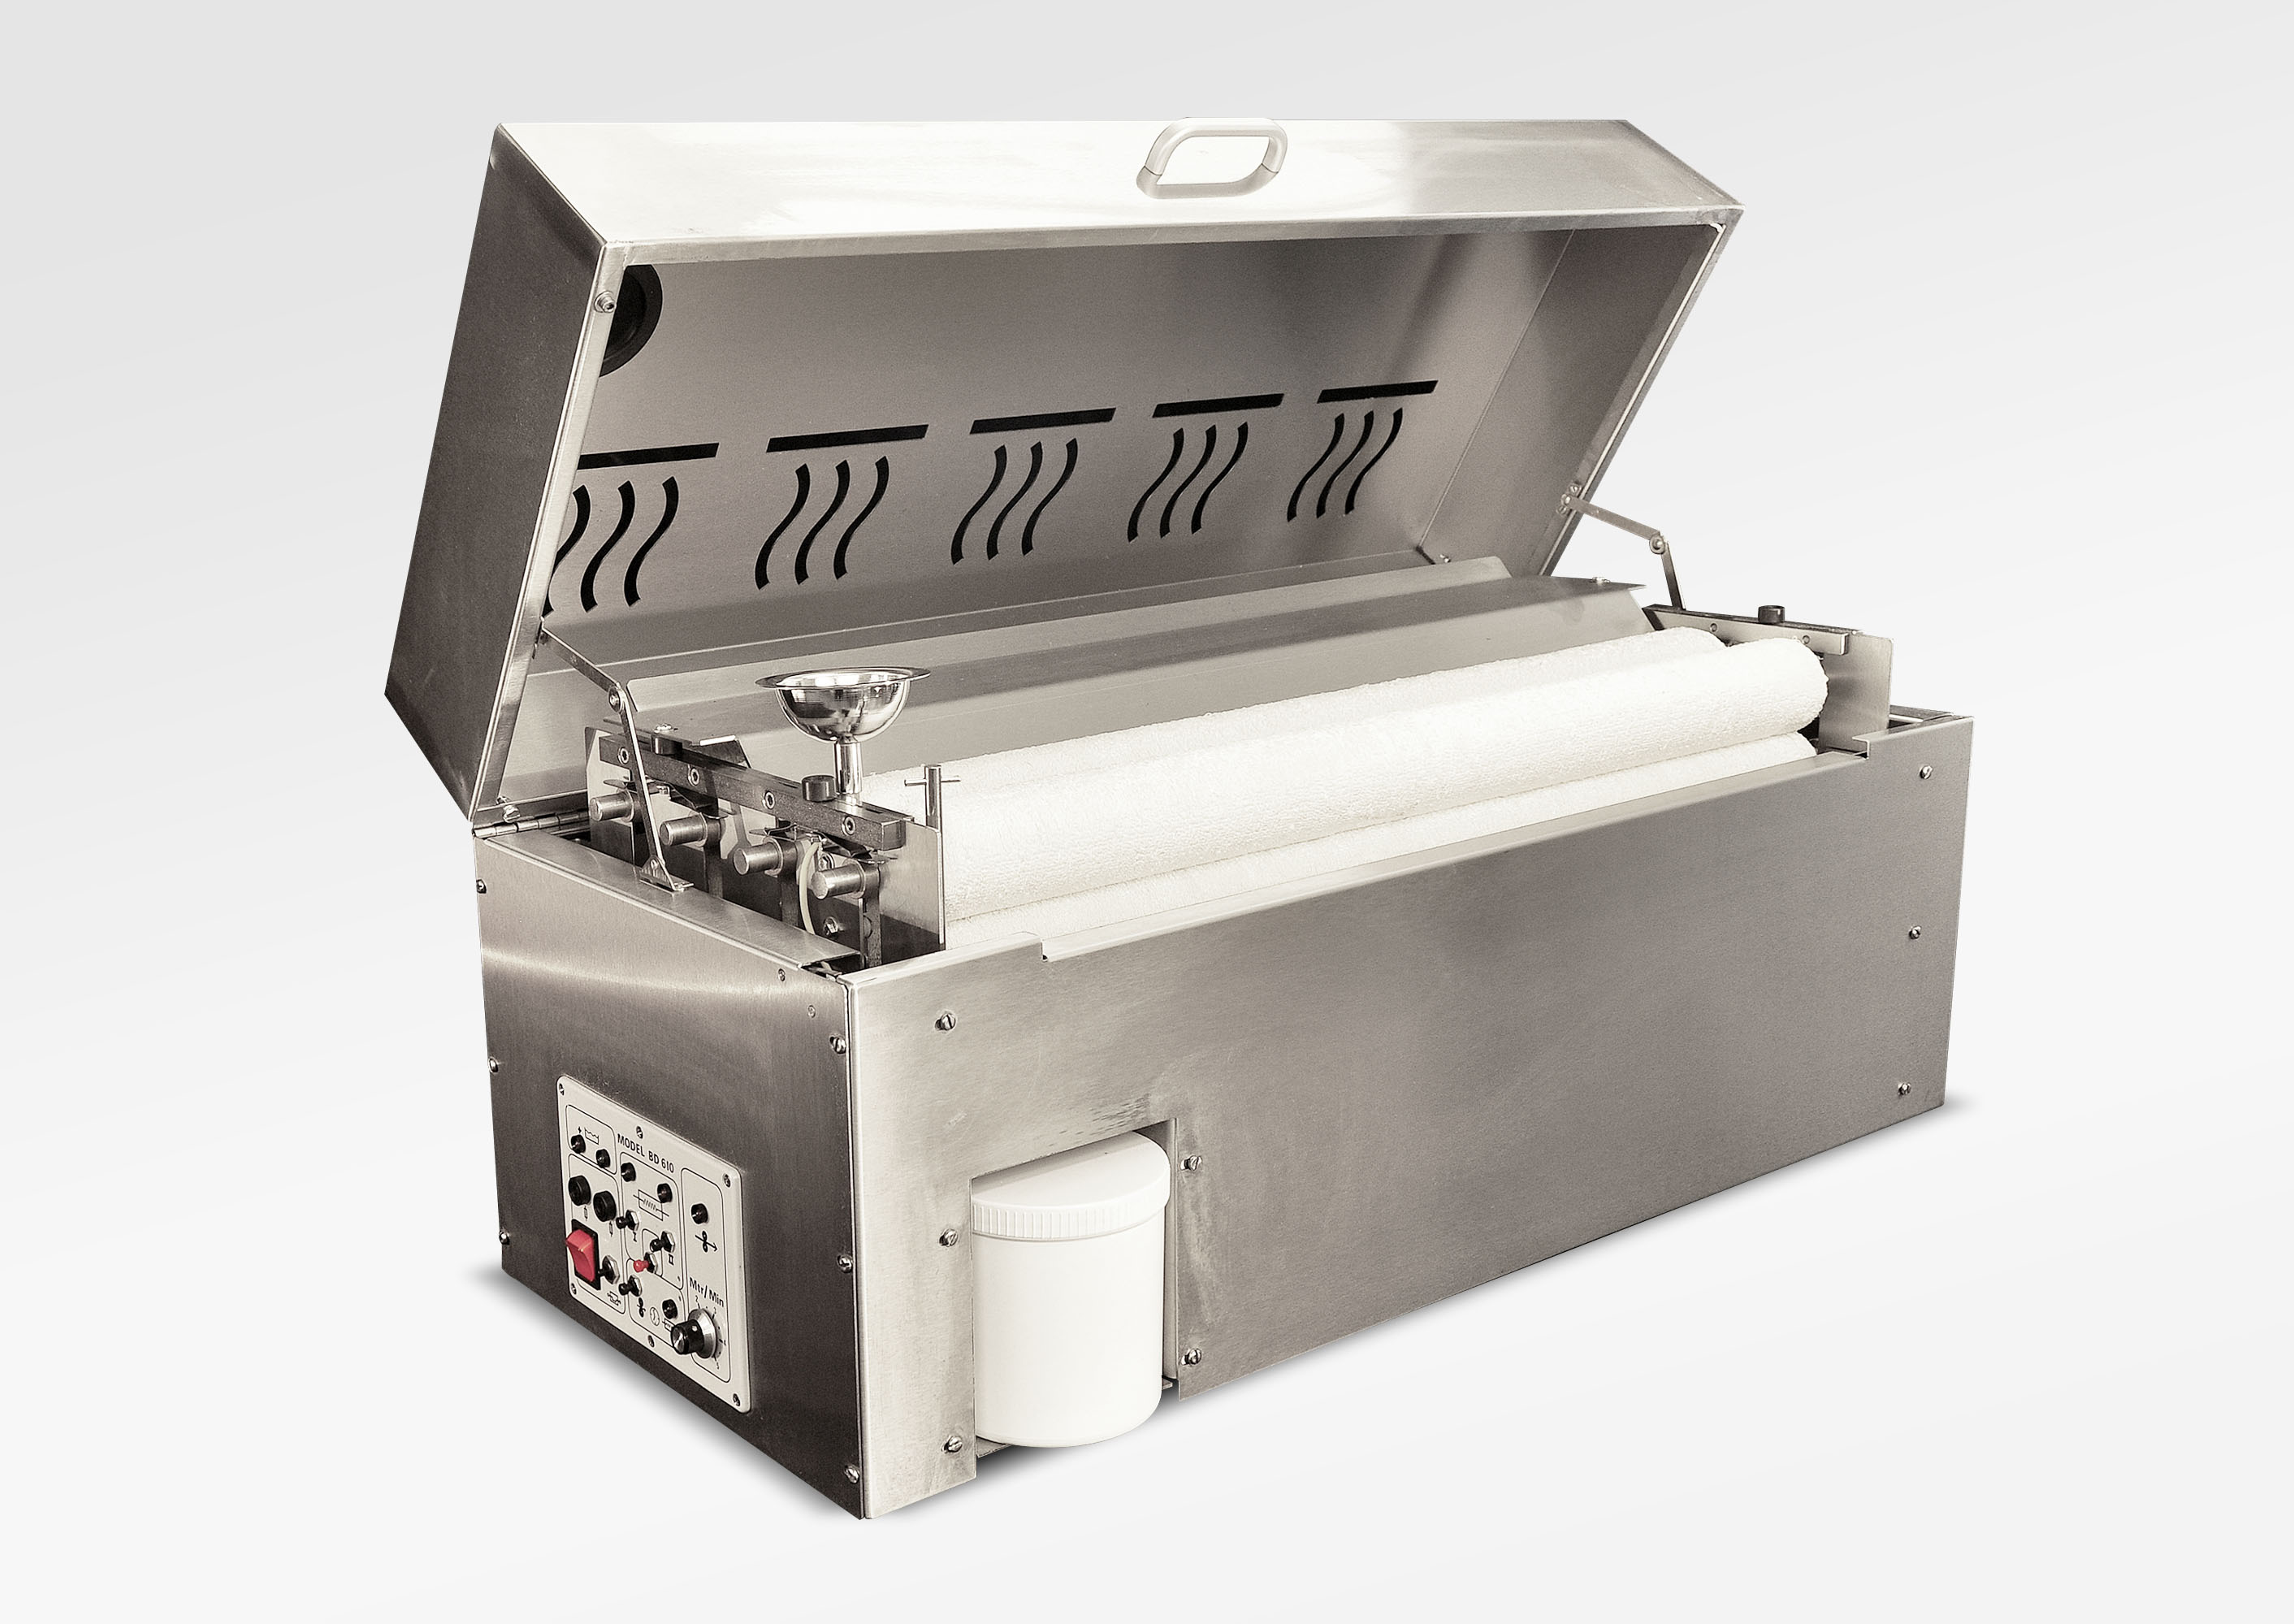 PCB Board Dryer Machine Lid Open